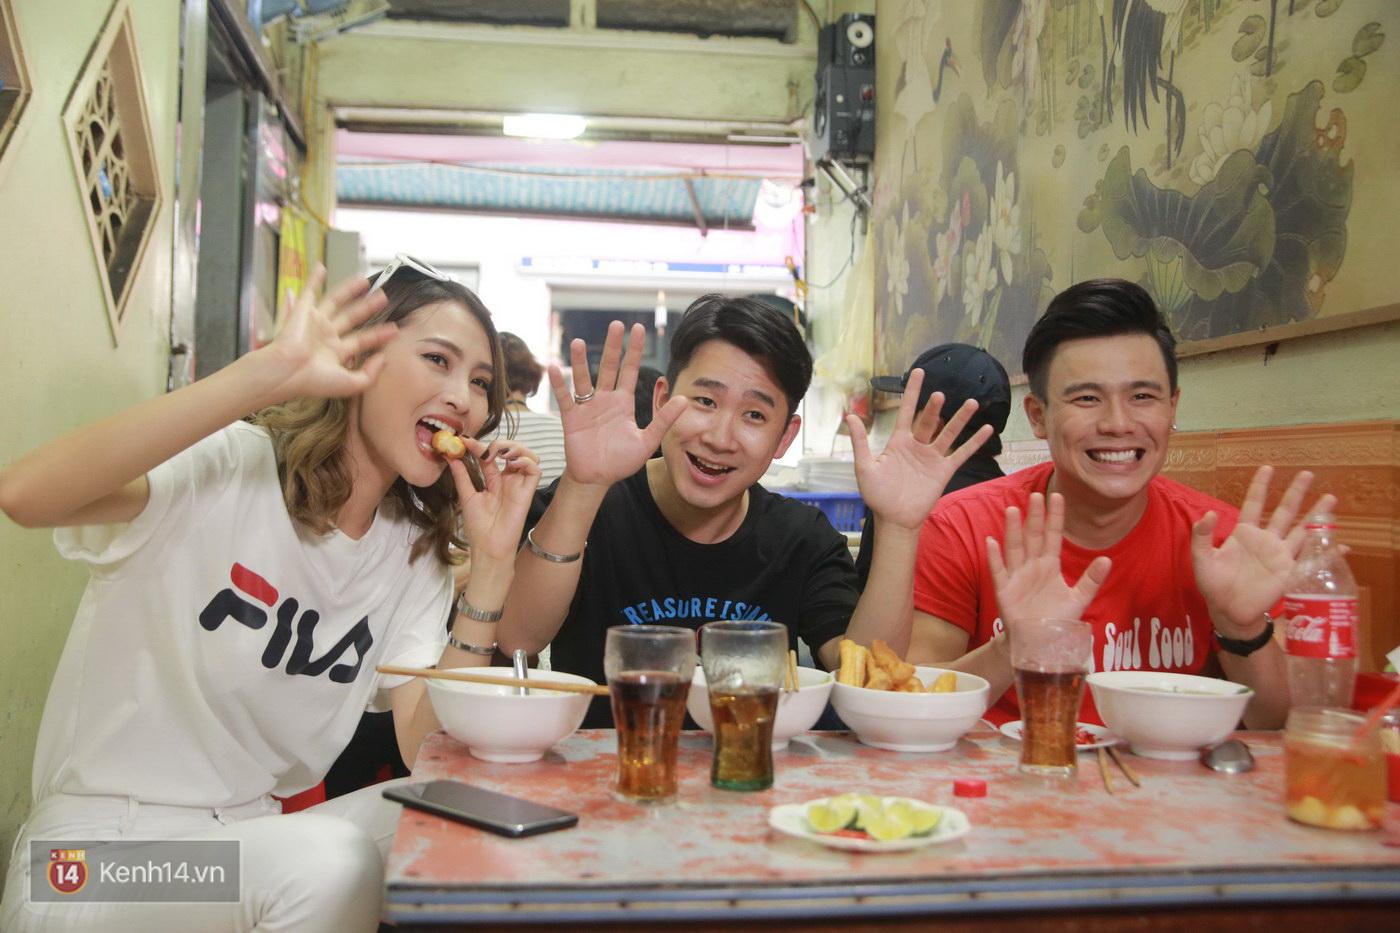 Đói Chưa Nhỉ: Theo chân 2 MC Bữa trưa vui vẻ tới quán phở nổi tiếng nhất Nam Định - Ảnh 6.